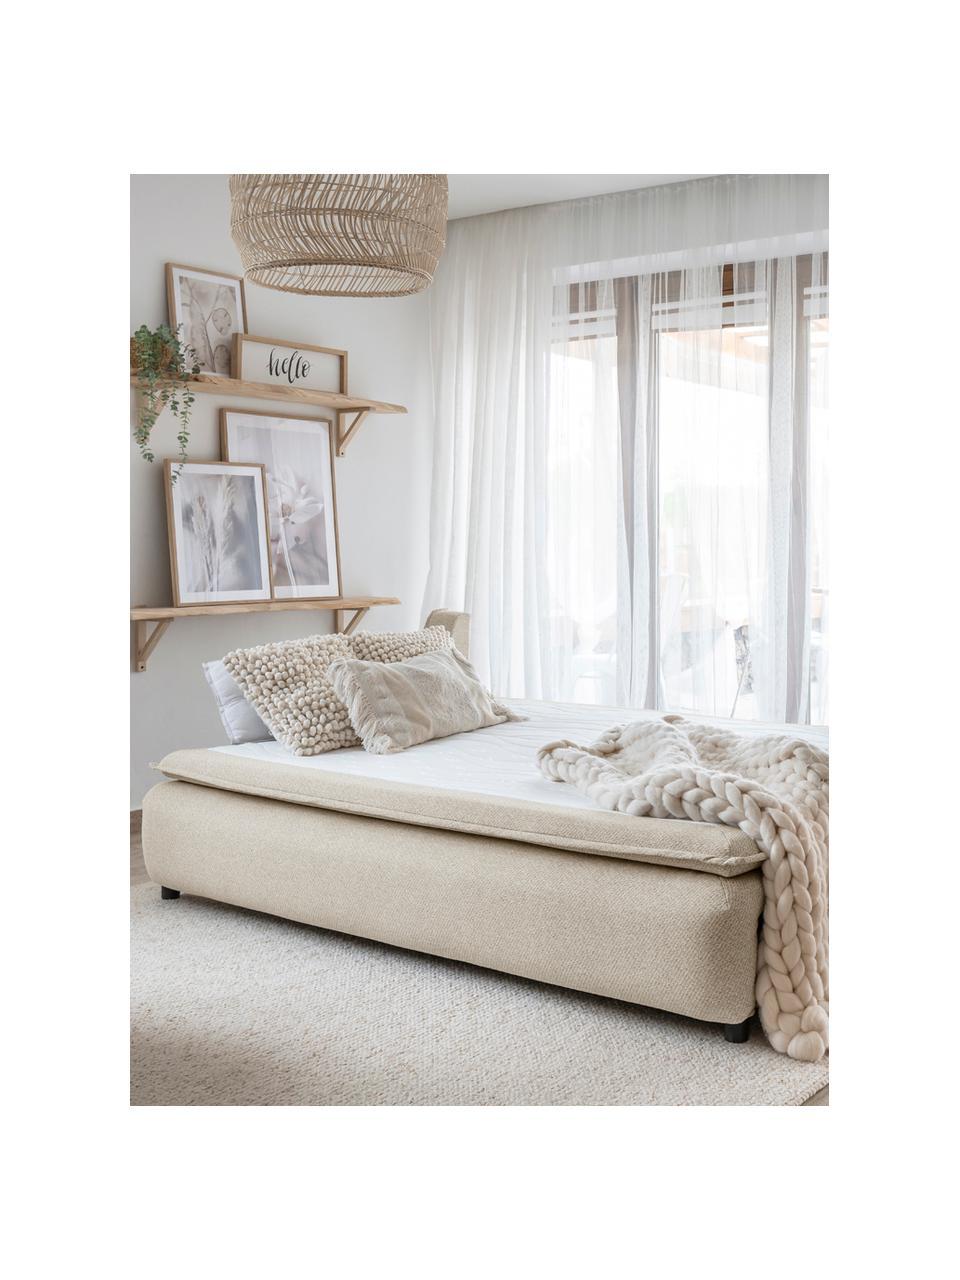 Divano letto in tessuto beige con contenitore Charming Charlie, Rivestimento: 100% poliestere con sensa, Beige, Larg. 225 x Prof. 85 cm